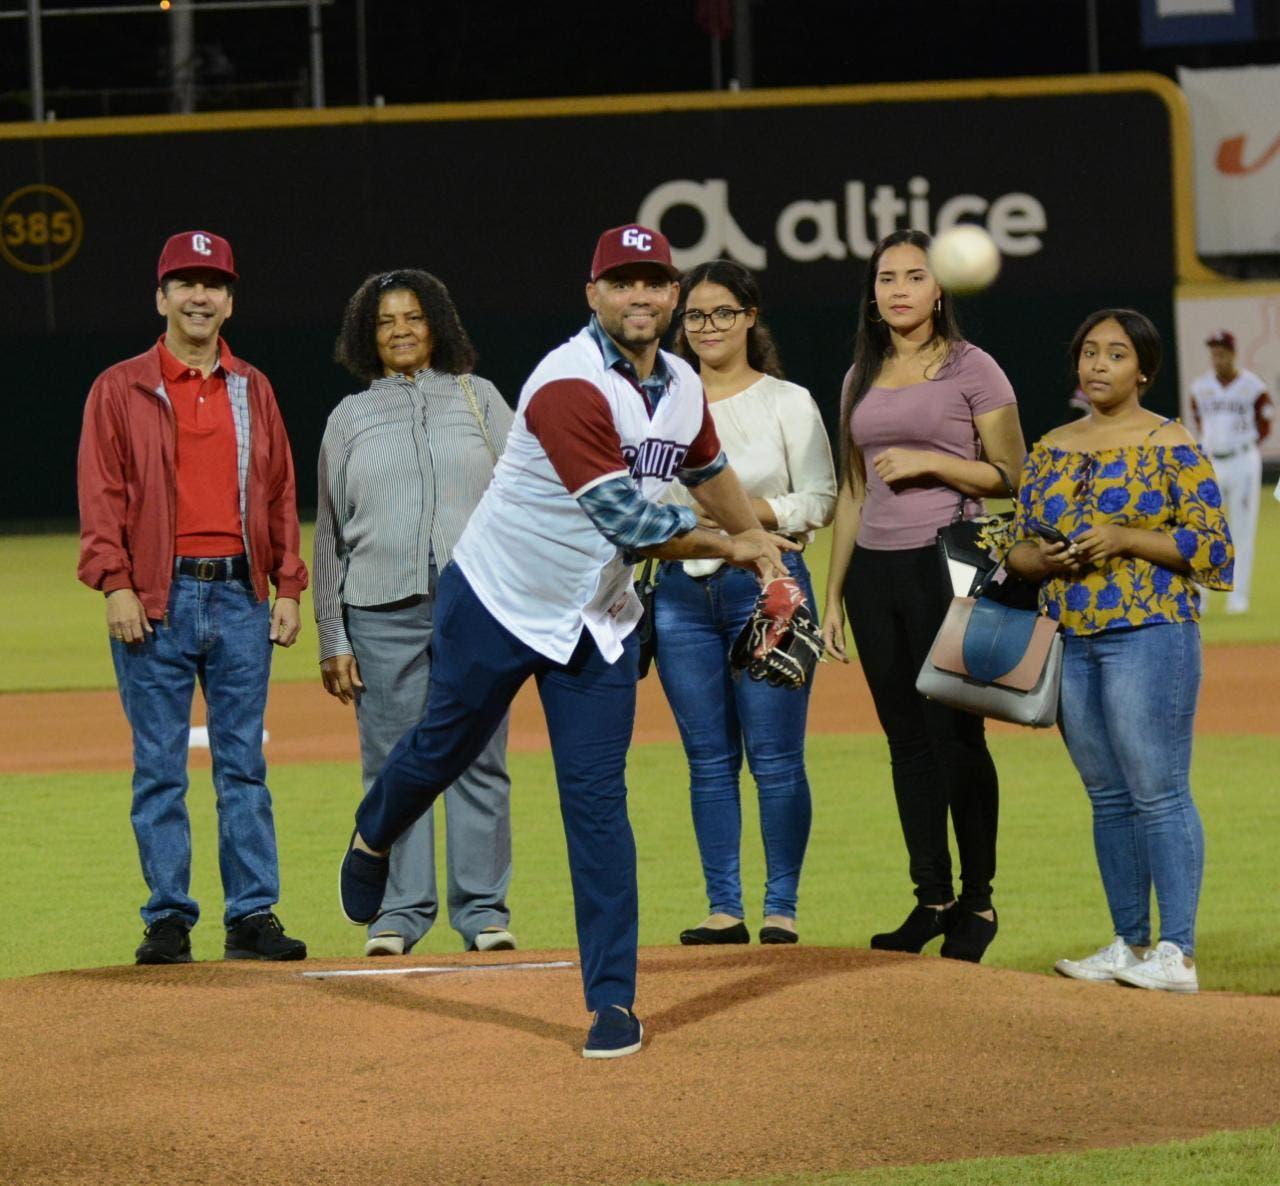 El ex jugador de los Gigantes del Cibao Pedro Feliz realiza el lanzamiento de la primera bola.